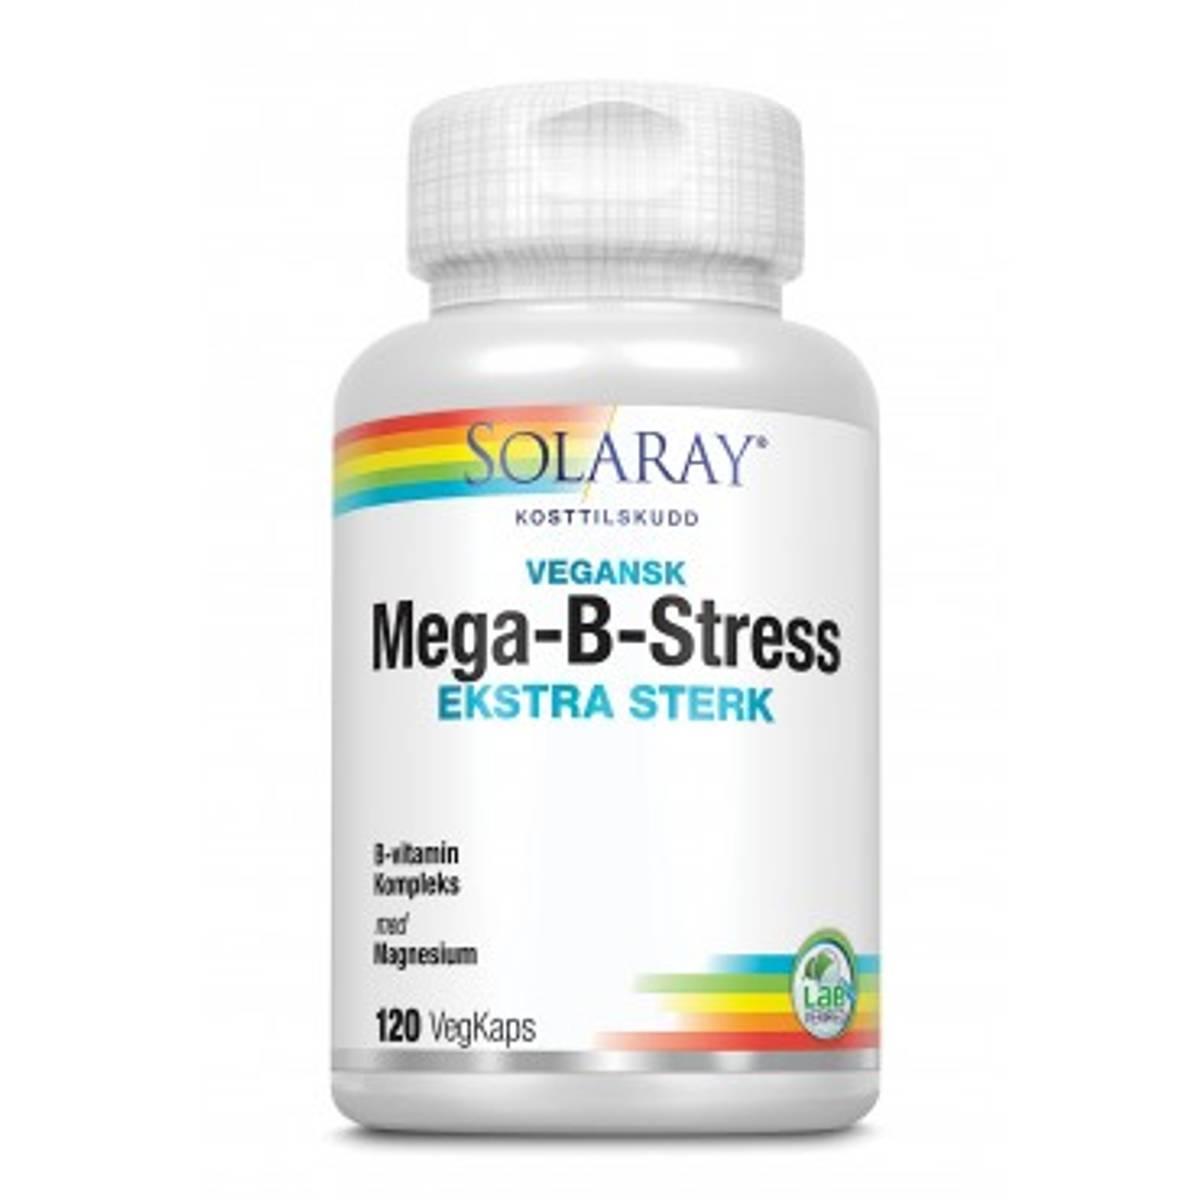 Solaray Mega B-stress Ekstra Sterk